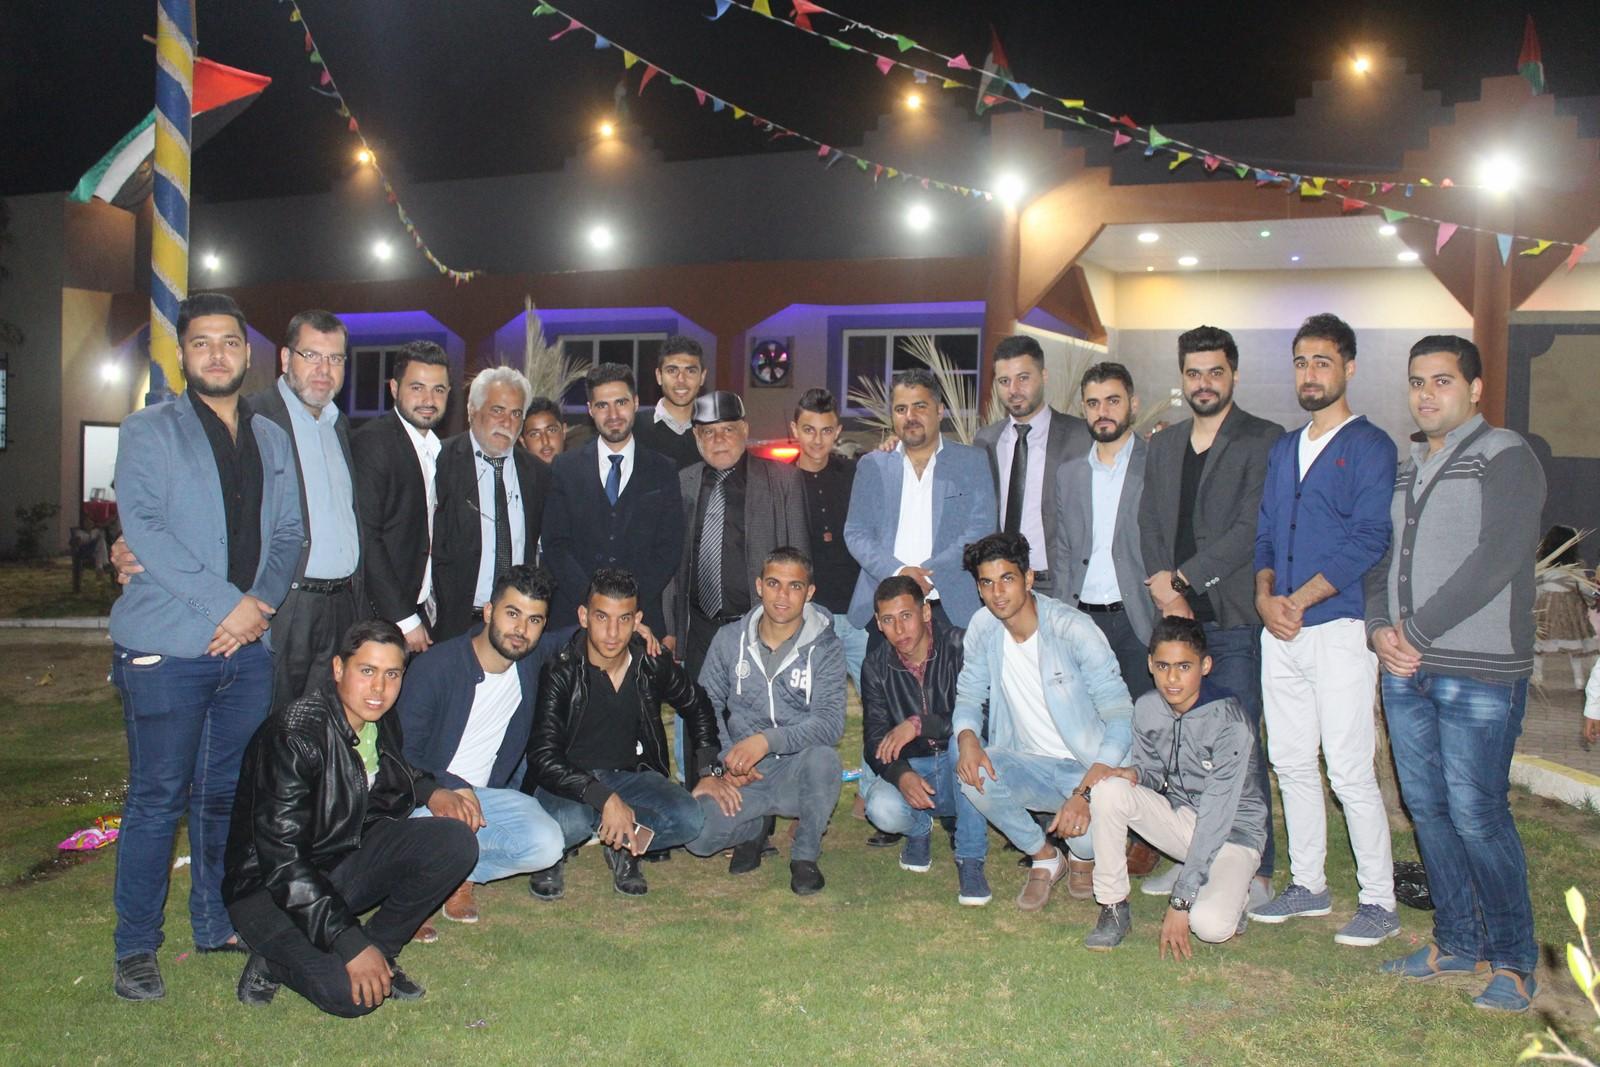 حفل زفاف أ.إبراهيم زياد سليمان الفرا